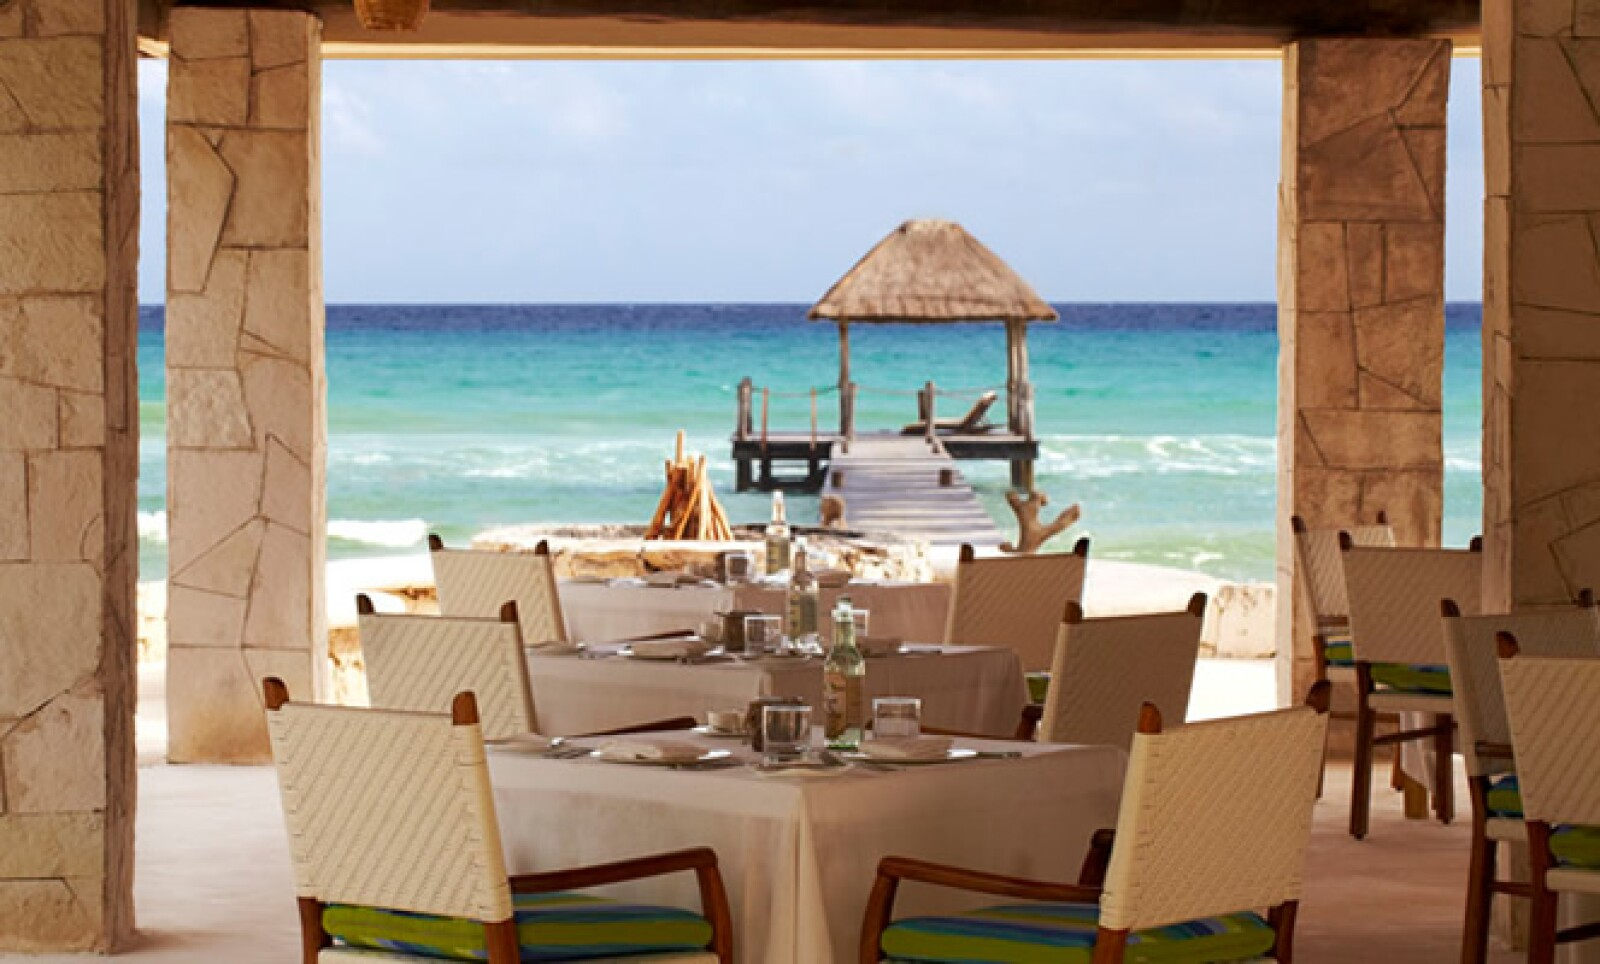 El restaurante La Marea ofrece características innovadoras en su cocina 'Mayaterránea', y sirve su interpretación contemporánea de la cocina Mexicana y la cocina Maya, matizadas con influencias mediterráneas.